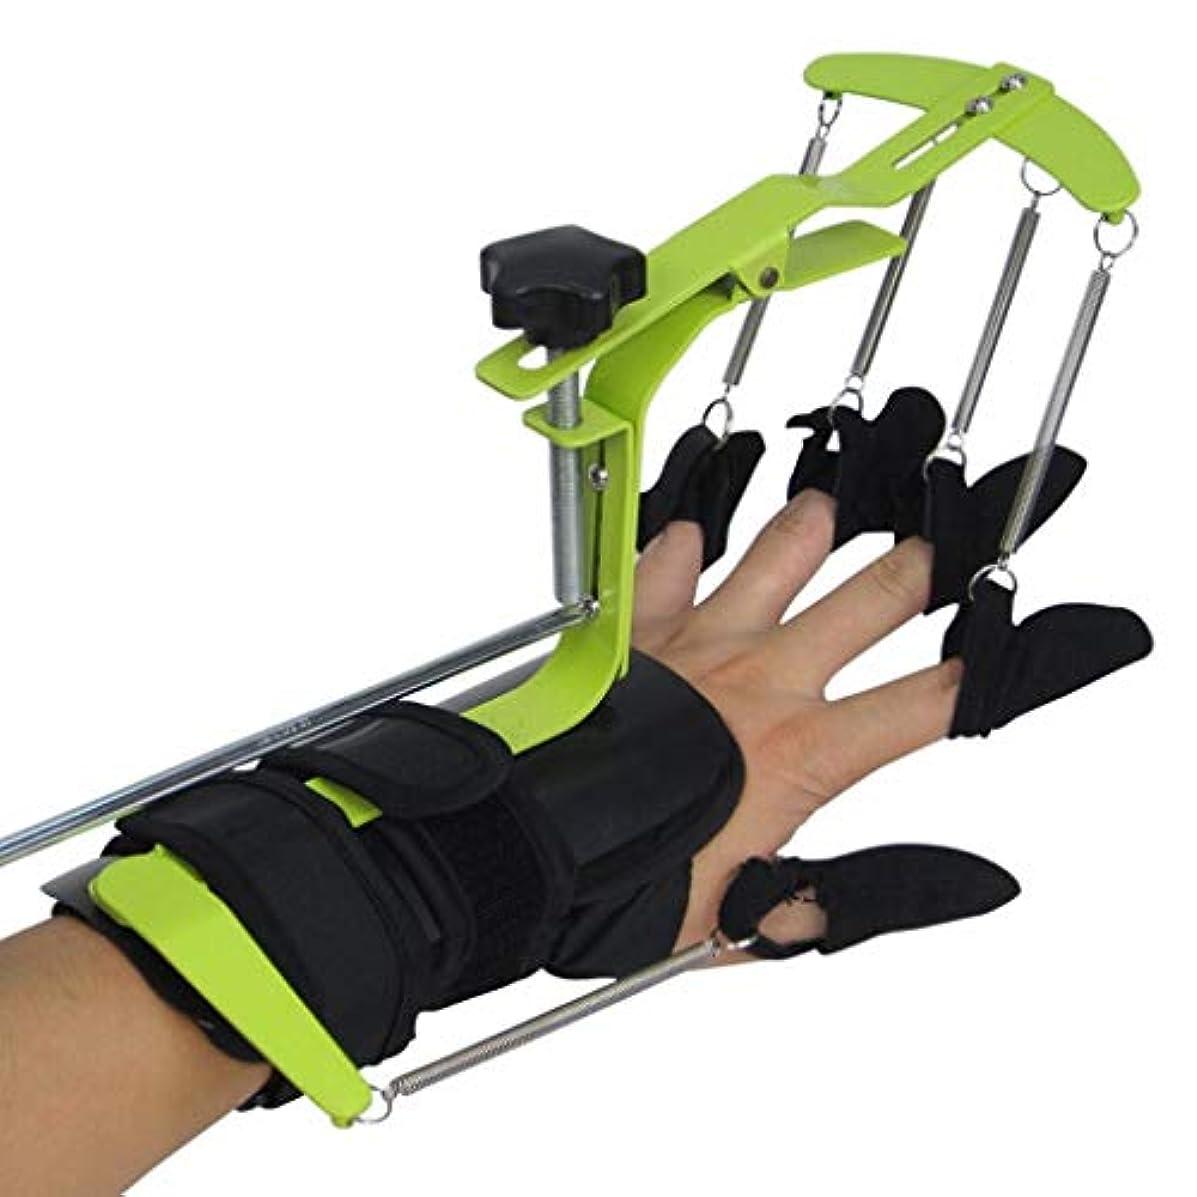 運搬ありがたい影響を受けやすいです調整可能 フィンガー装具 フィンガートレーニング機器 エクサ?クリップ?ボード 片麻痺の脳性麻痺リハビリテーション